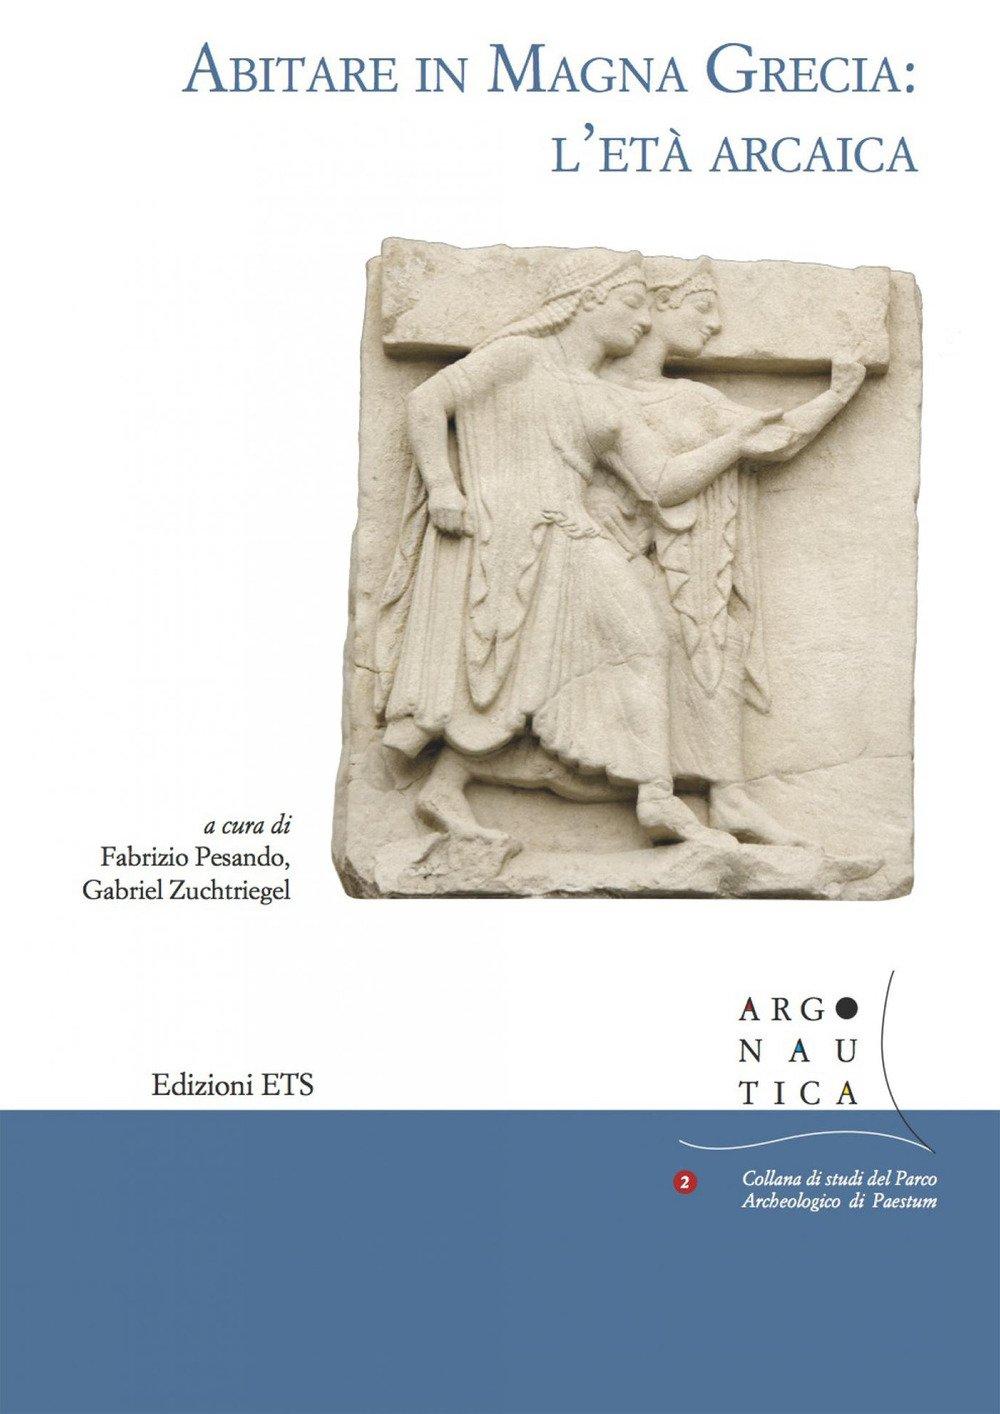 Abitare in Magna Grecia: l'età arcaica